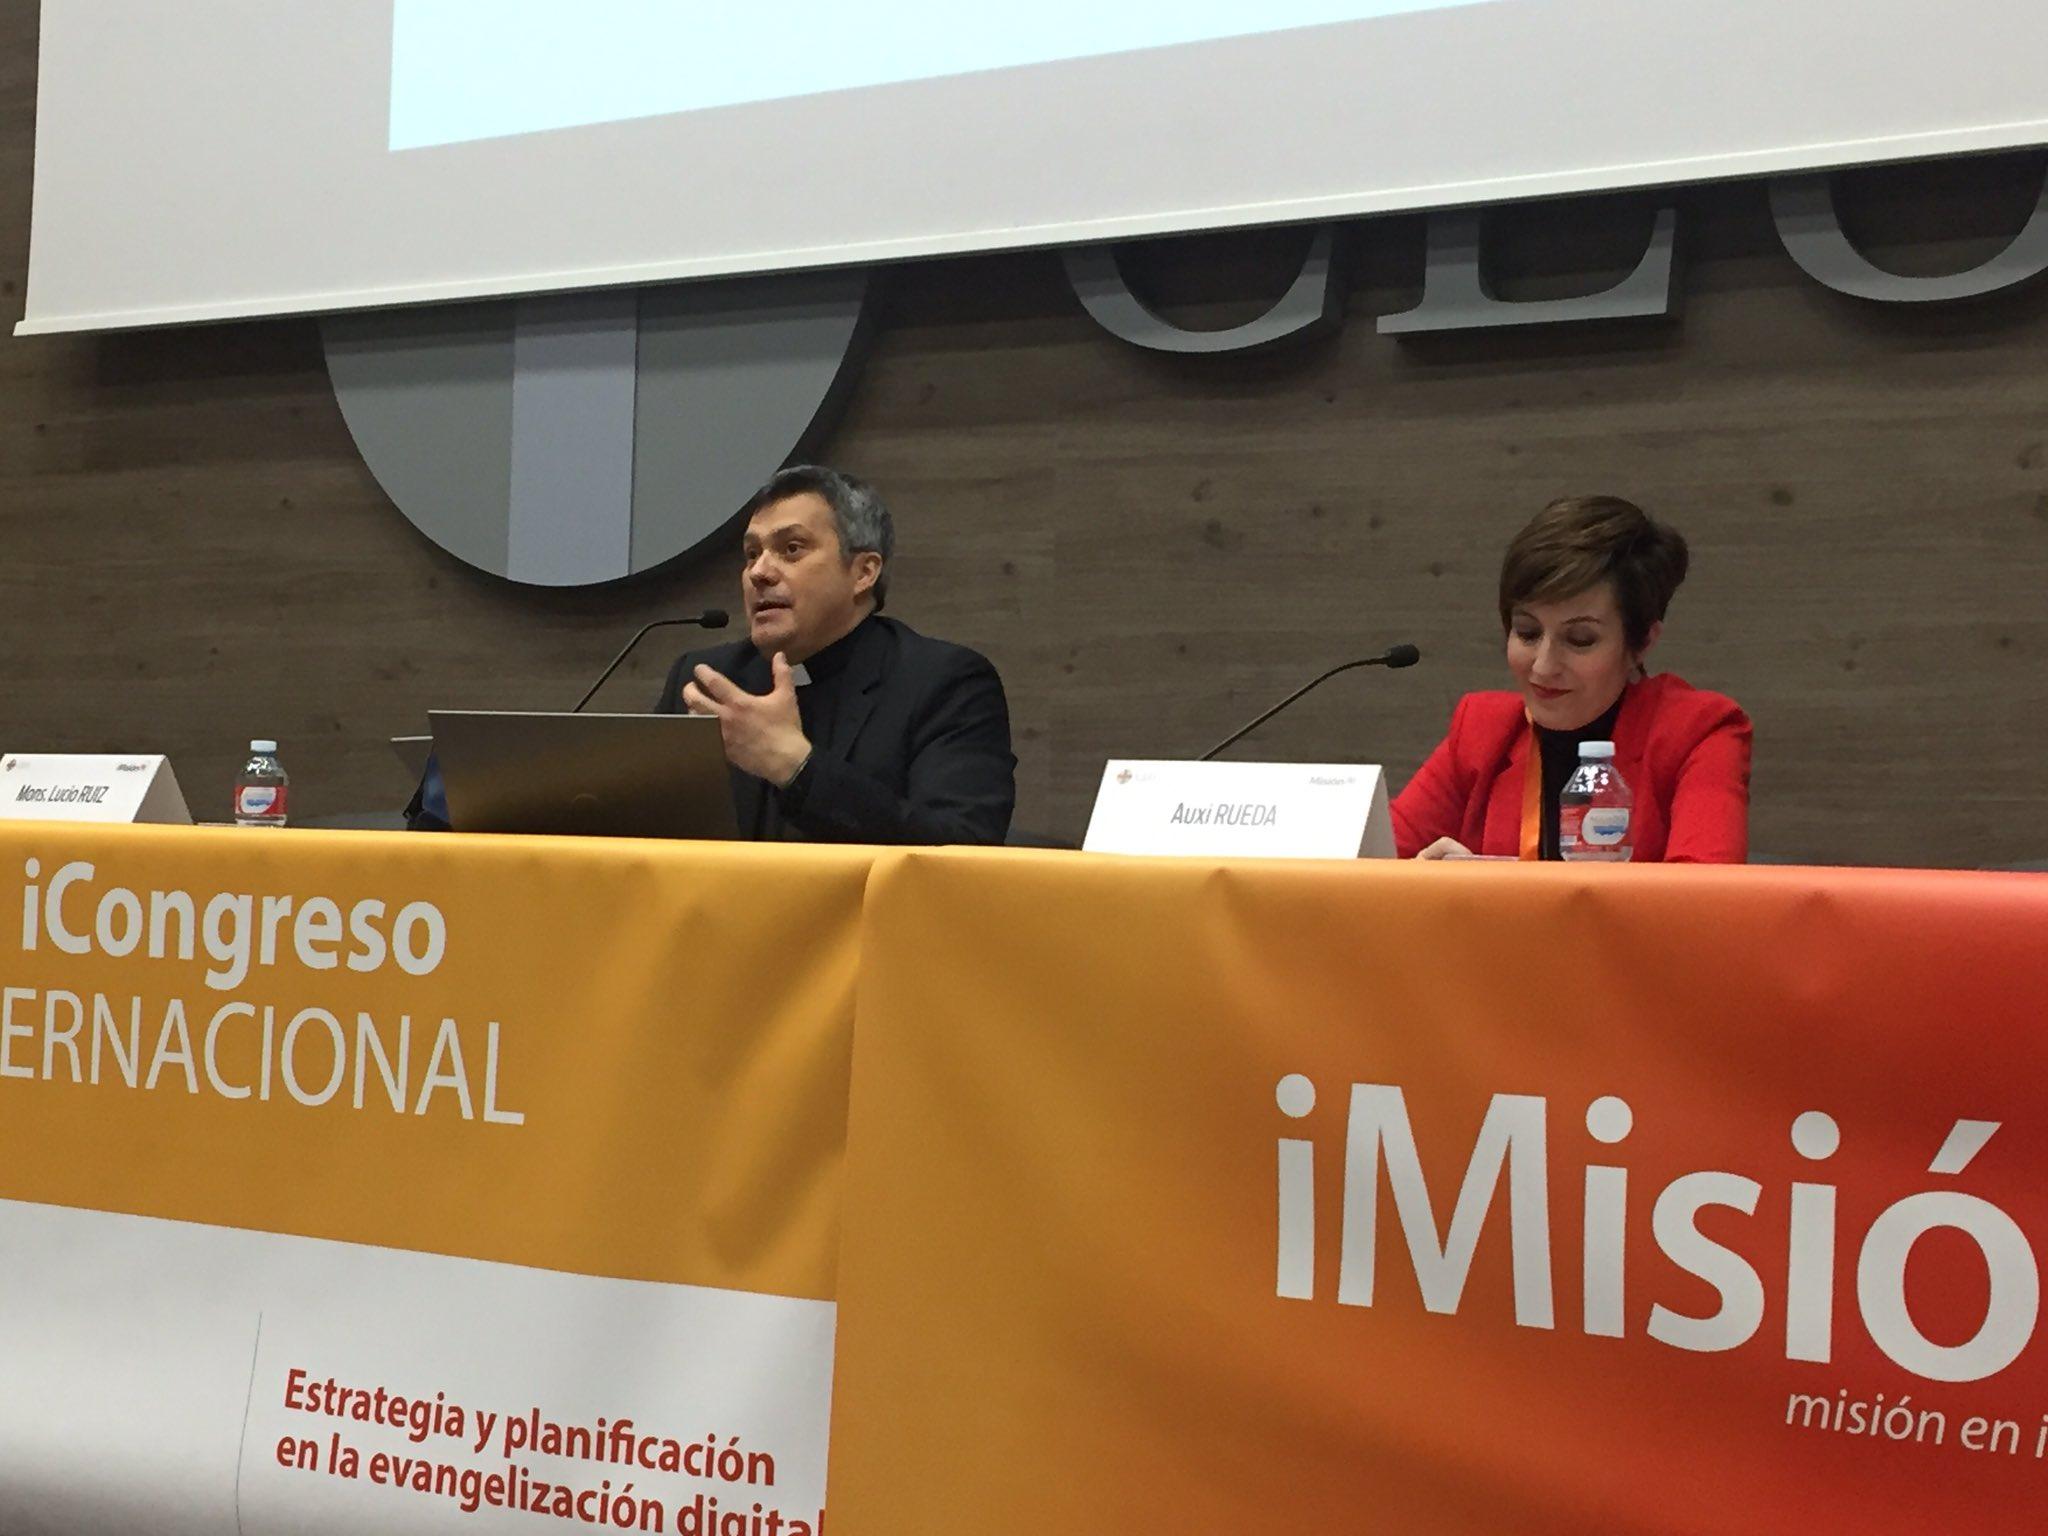 Lucio Ruiz, responsable de internet de la Santa Sede en el congreso iMision